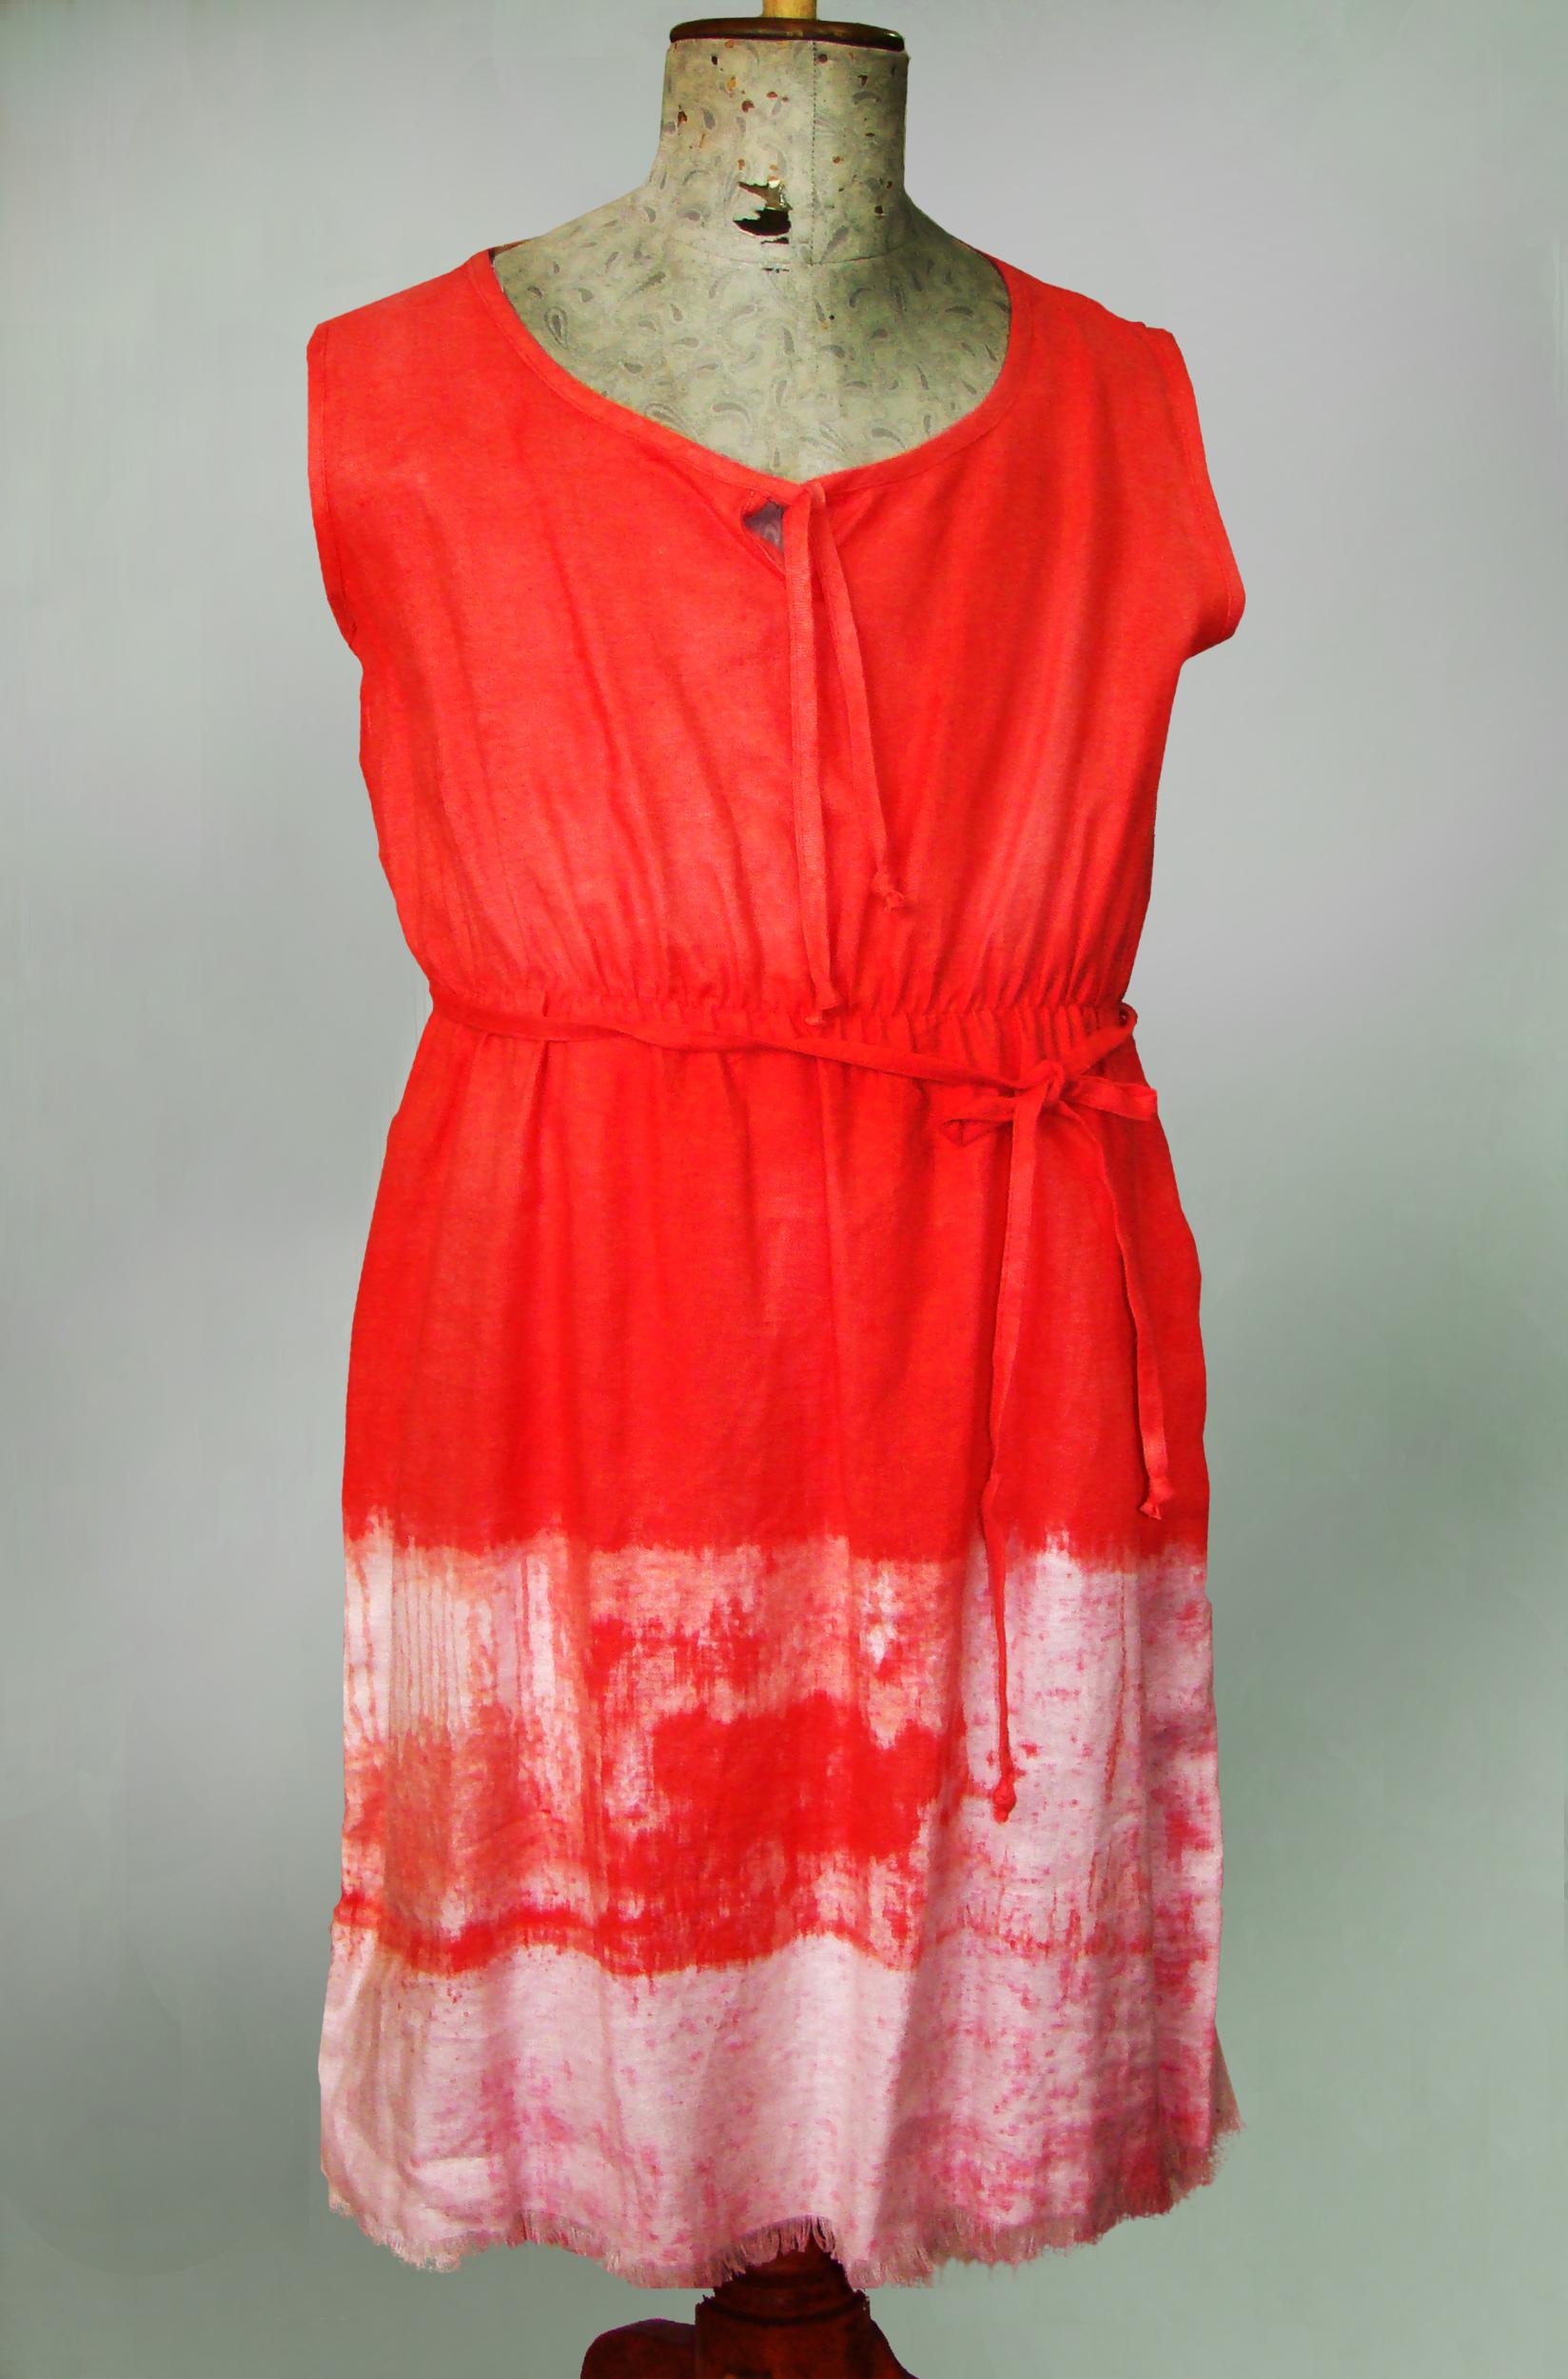 Sukienka pomaranczowo-biała, marszczona w pasie.-0